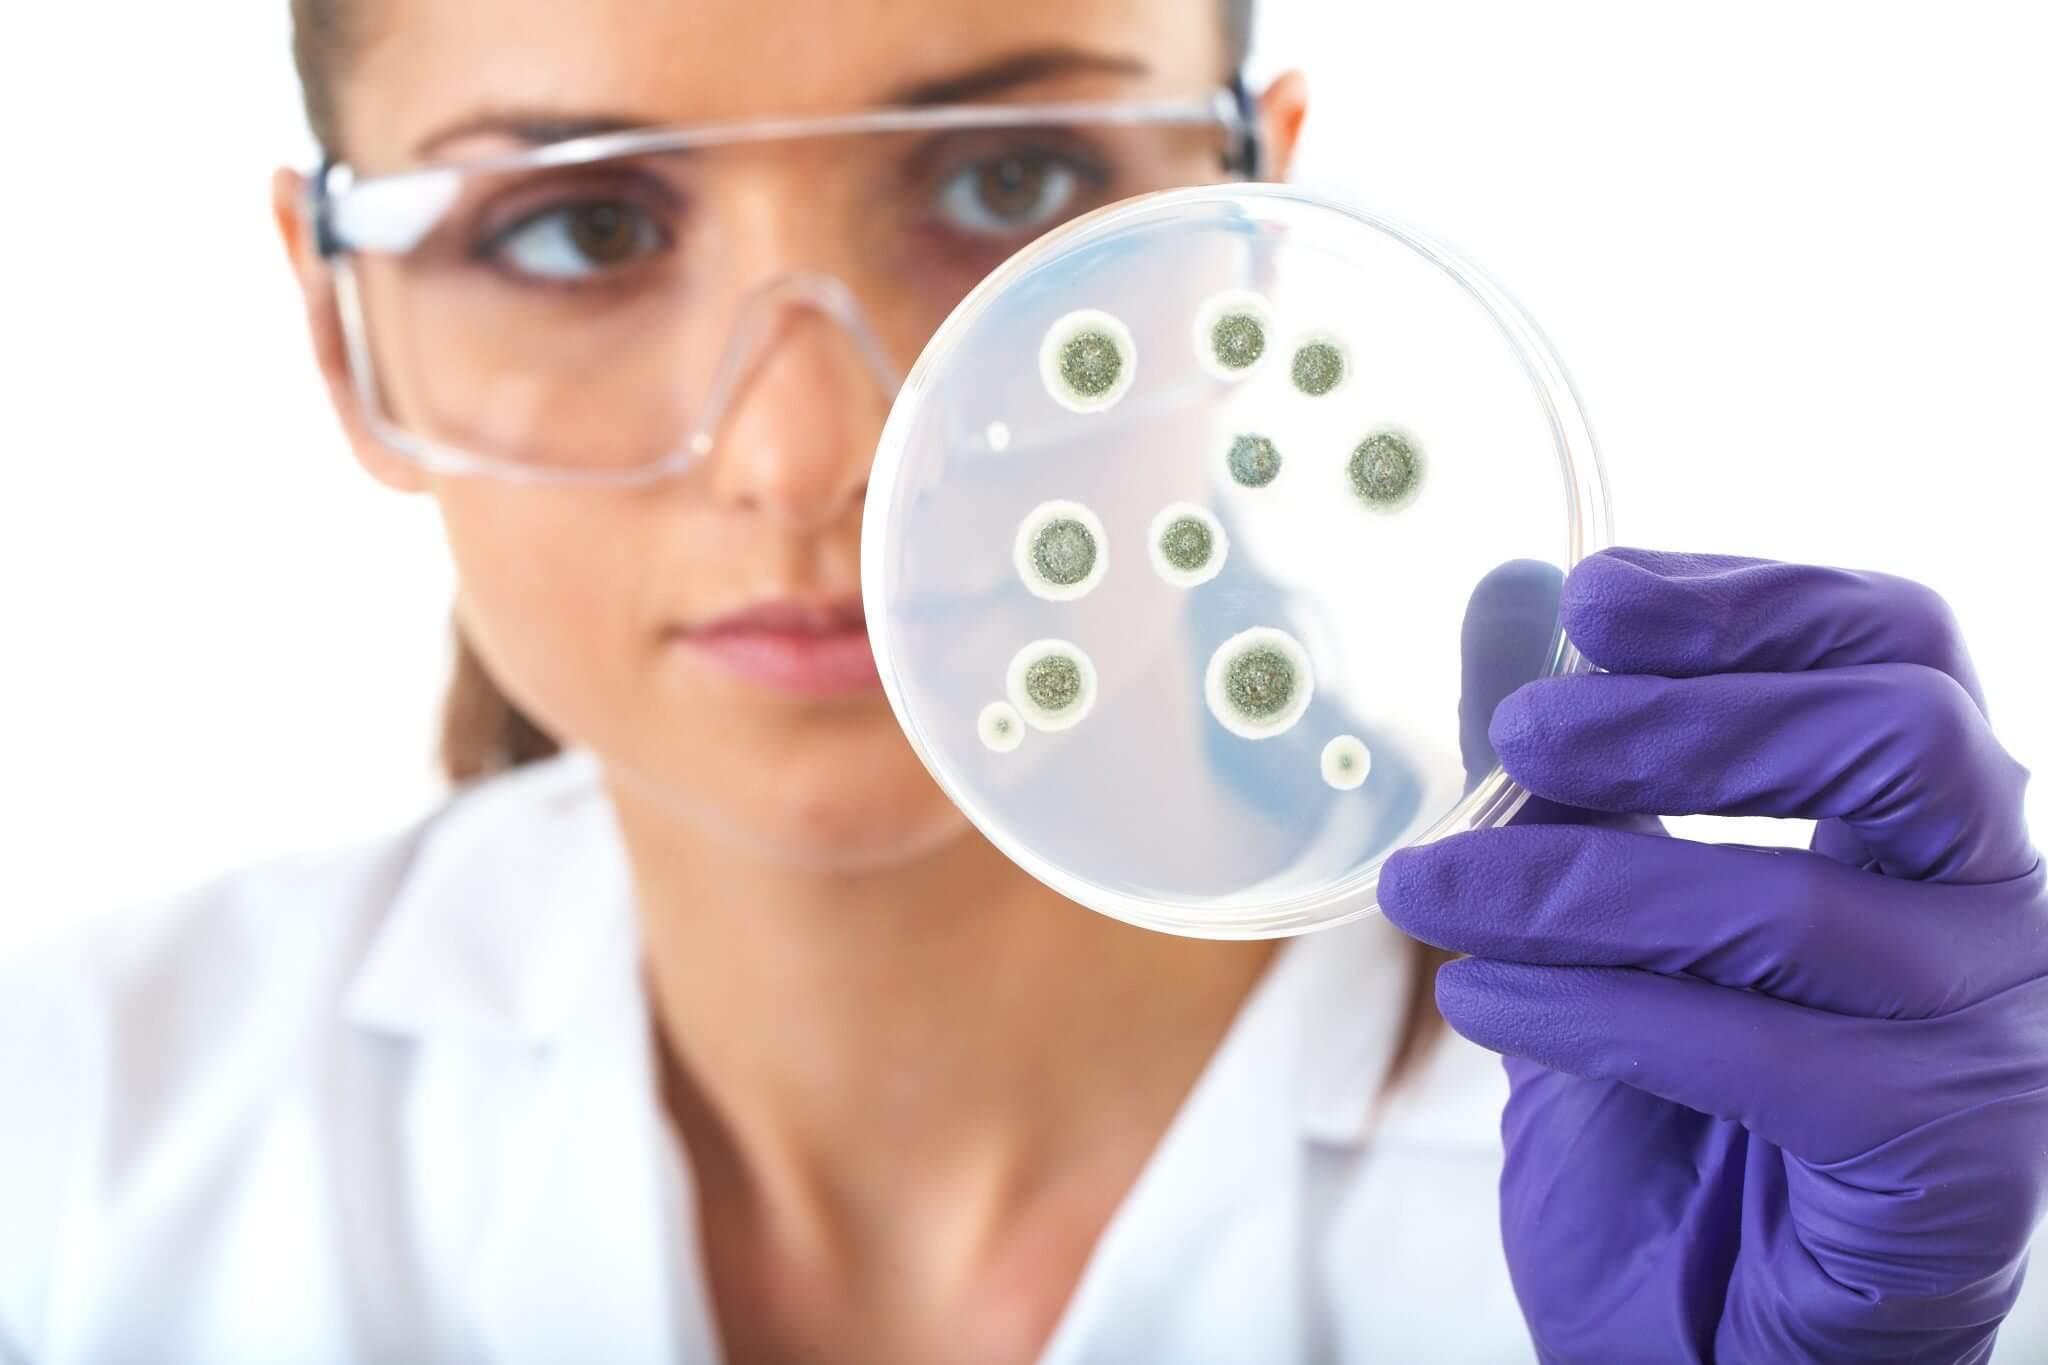 smt bandage capa - Cientistas criam bandagem que pode revolucionar o combate à bactérias